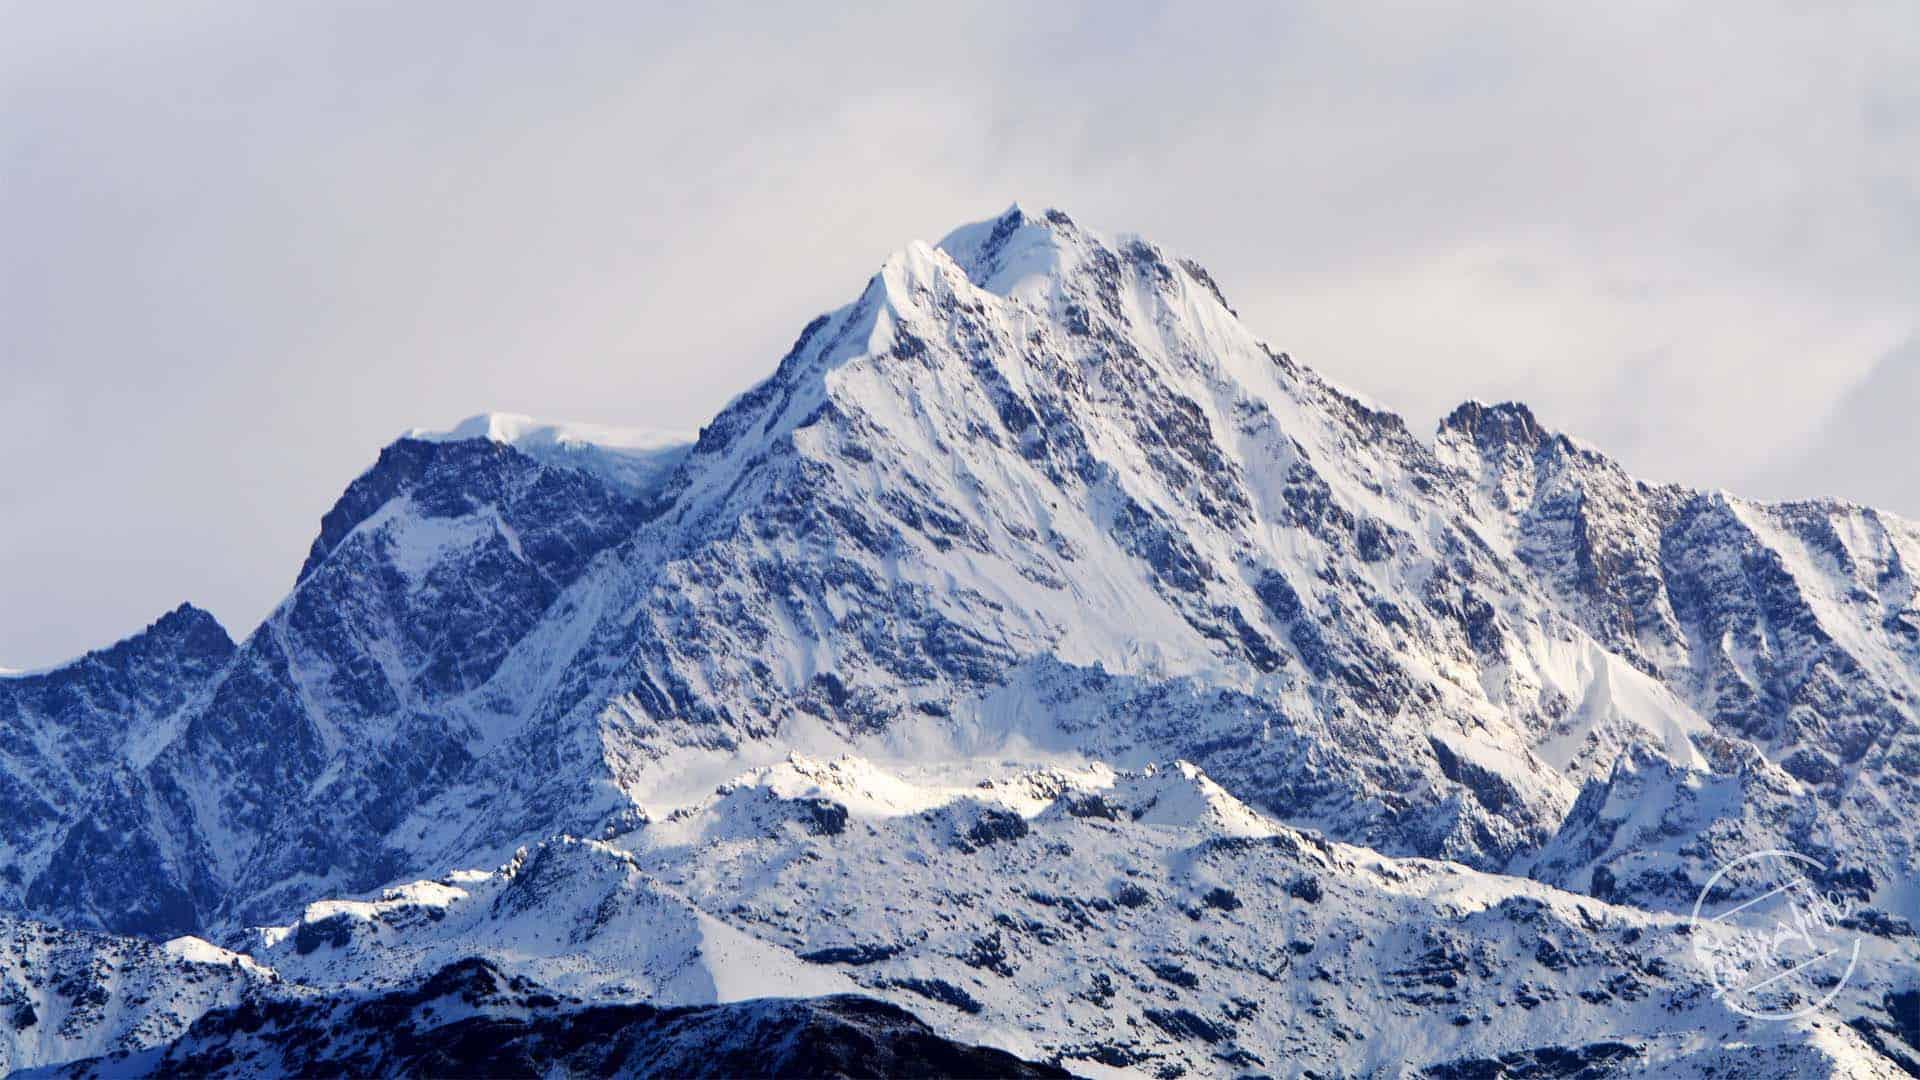 Chandershila Trekking - Sumeru Peak View